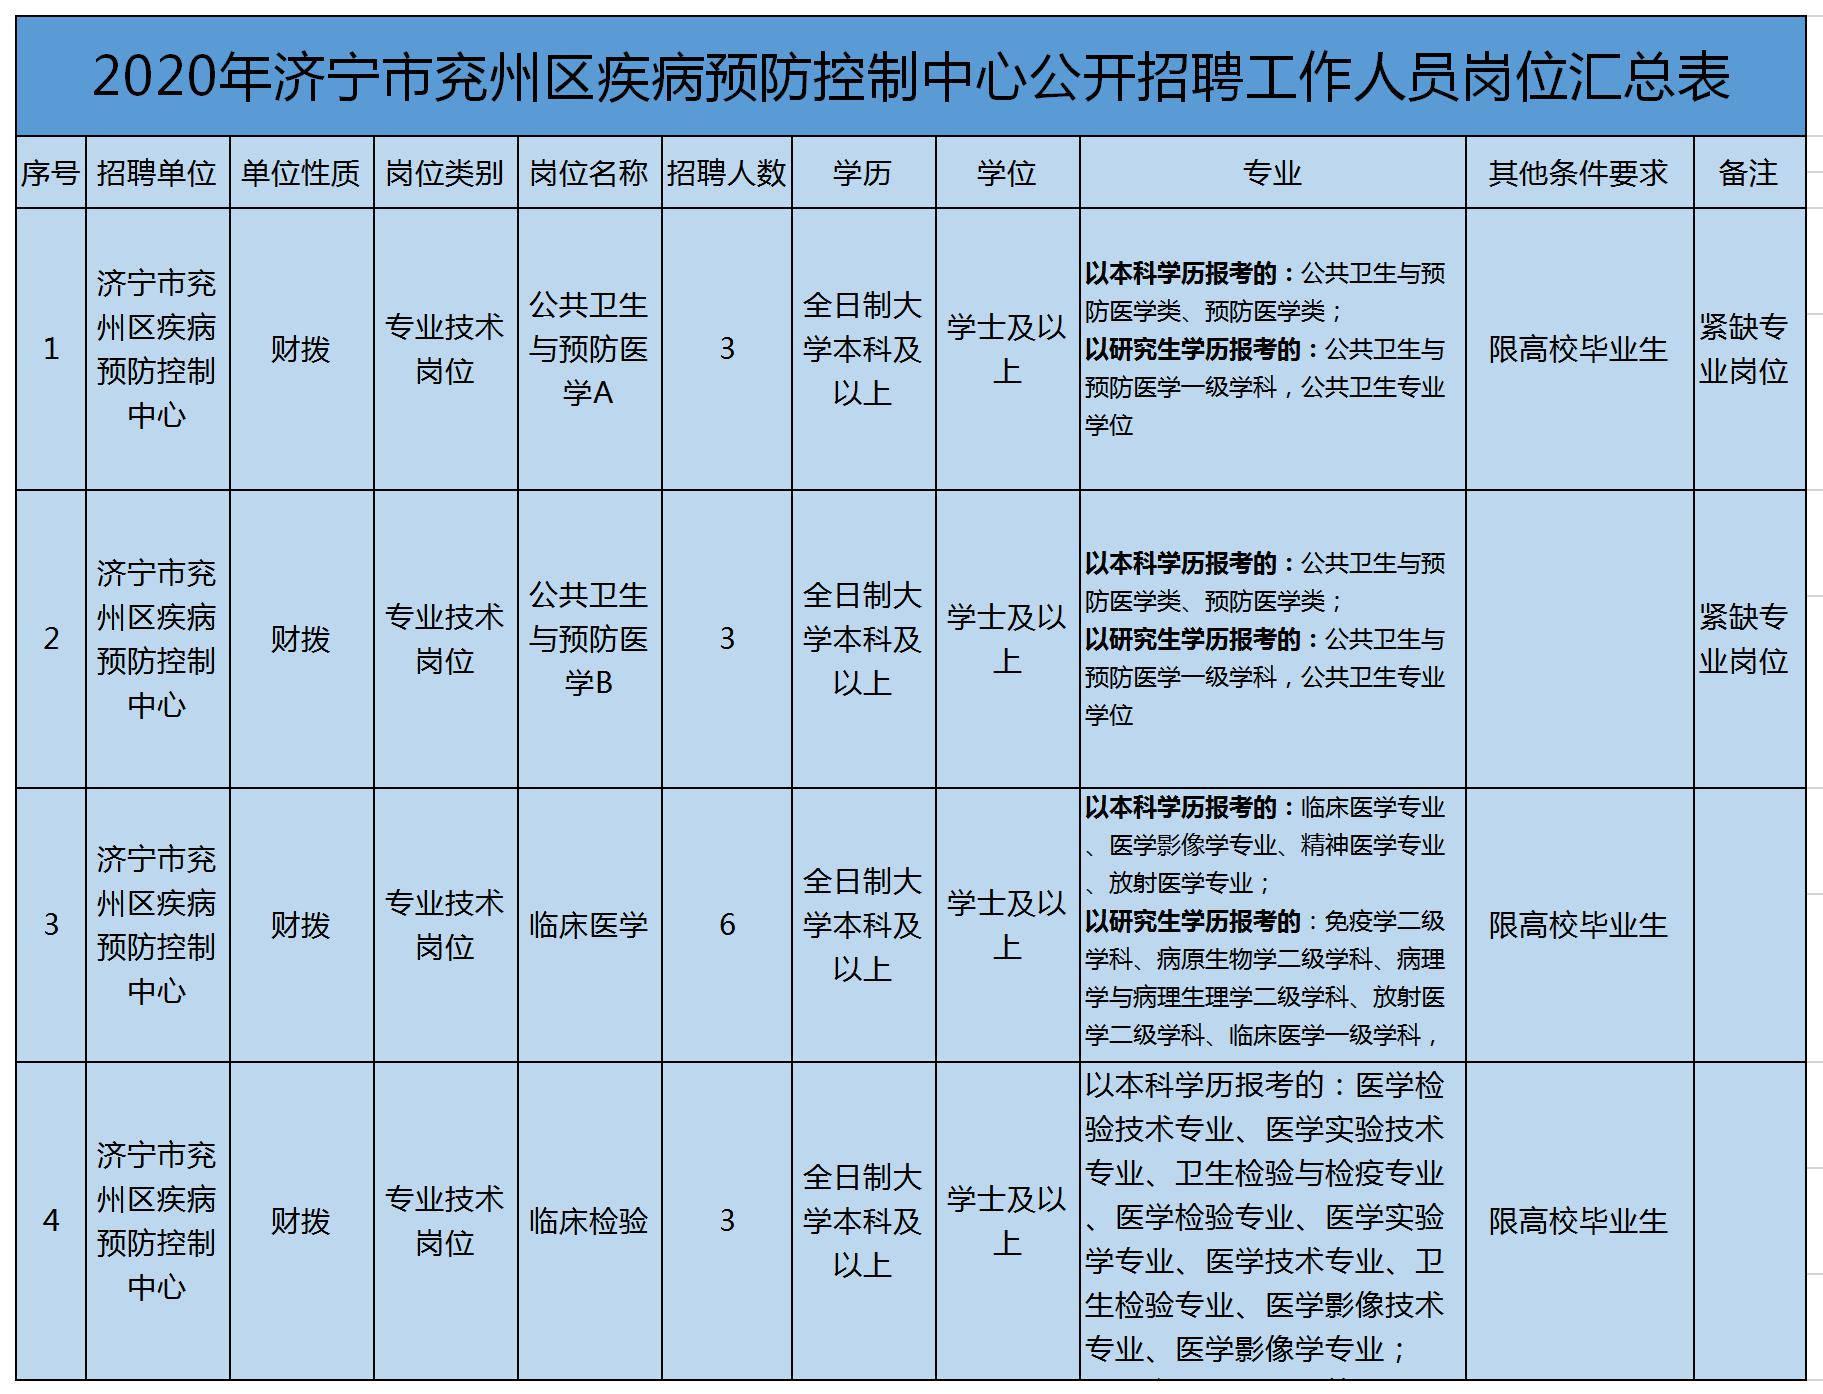 2020年济宁市兖州区疾病预防控制中心招聘工作人员15人